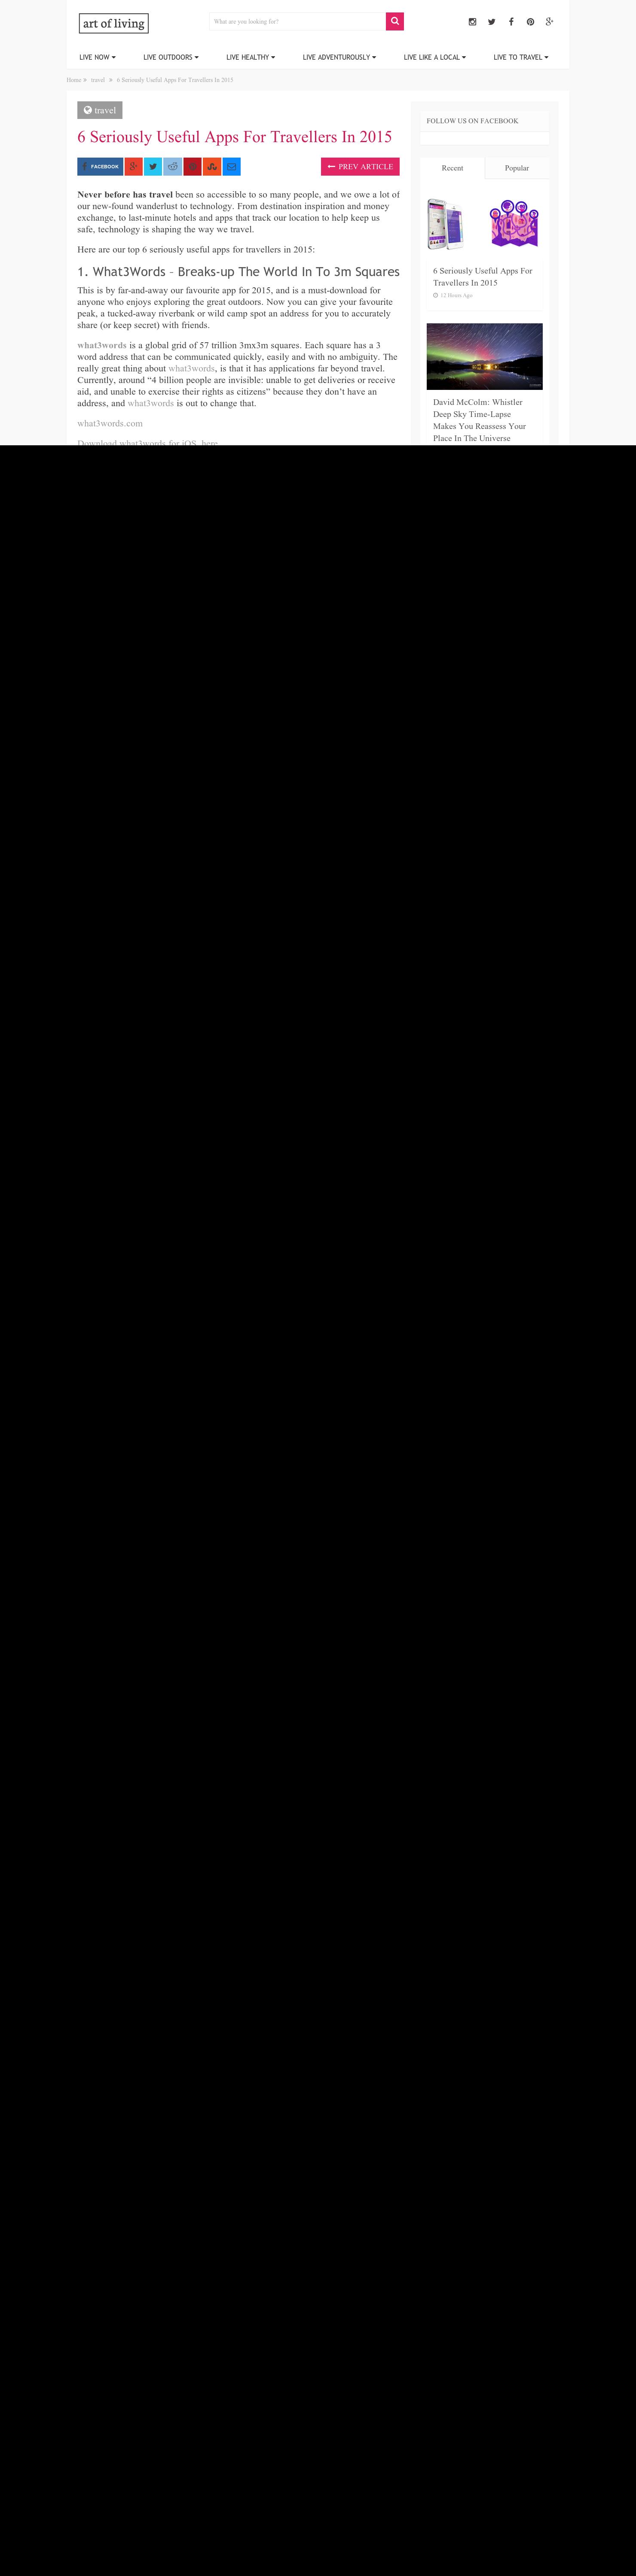 357fe5b7 d83c 4f0a 87a7 d9549f92cf7d